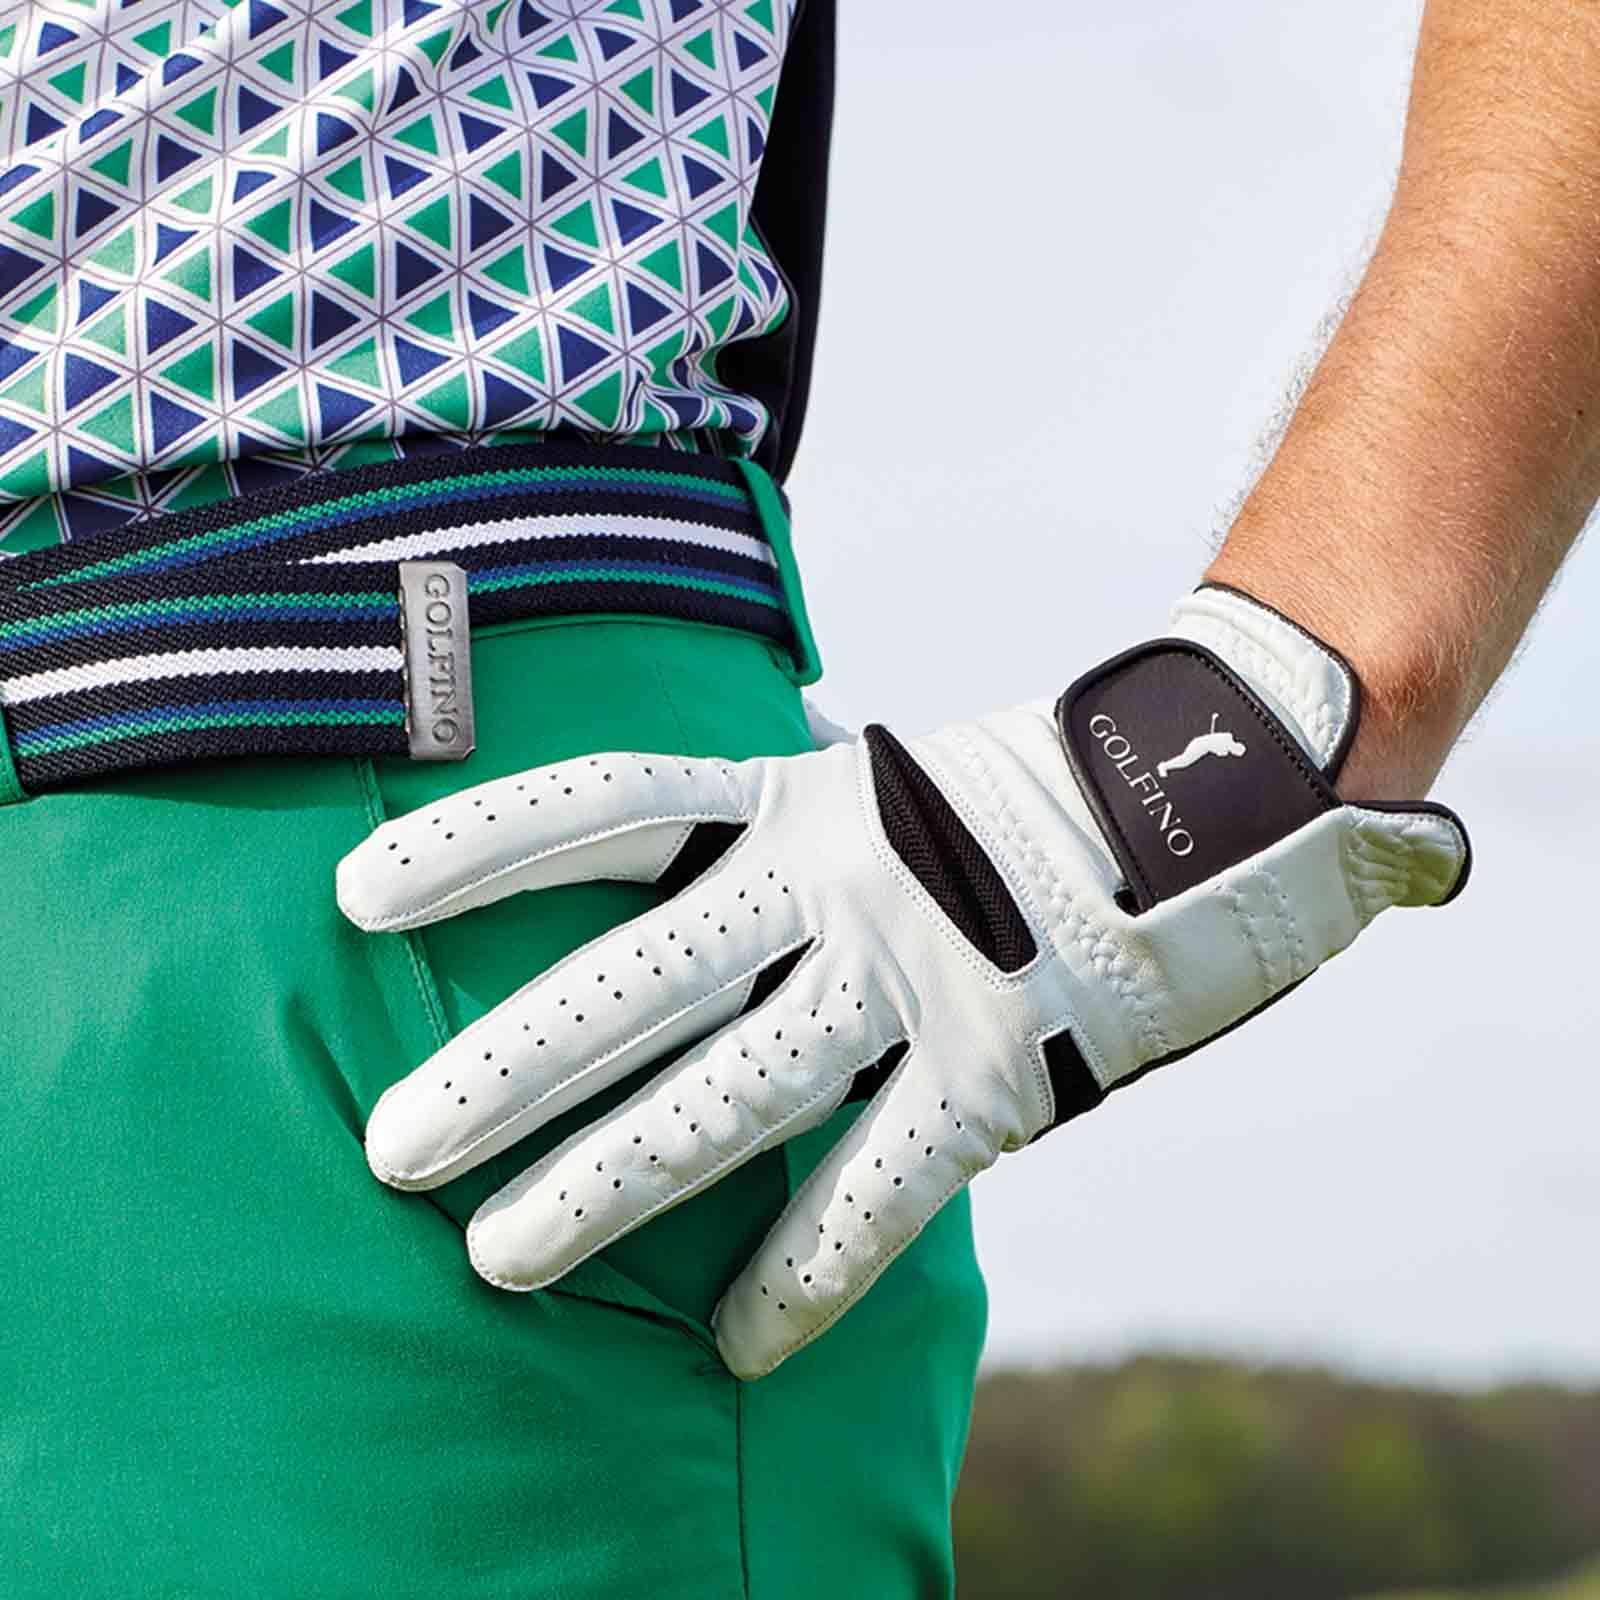 Herren Golfhandschuh (links) aus Leder mit textilem Einsatz